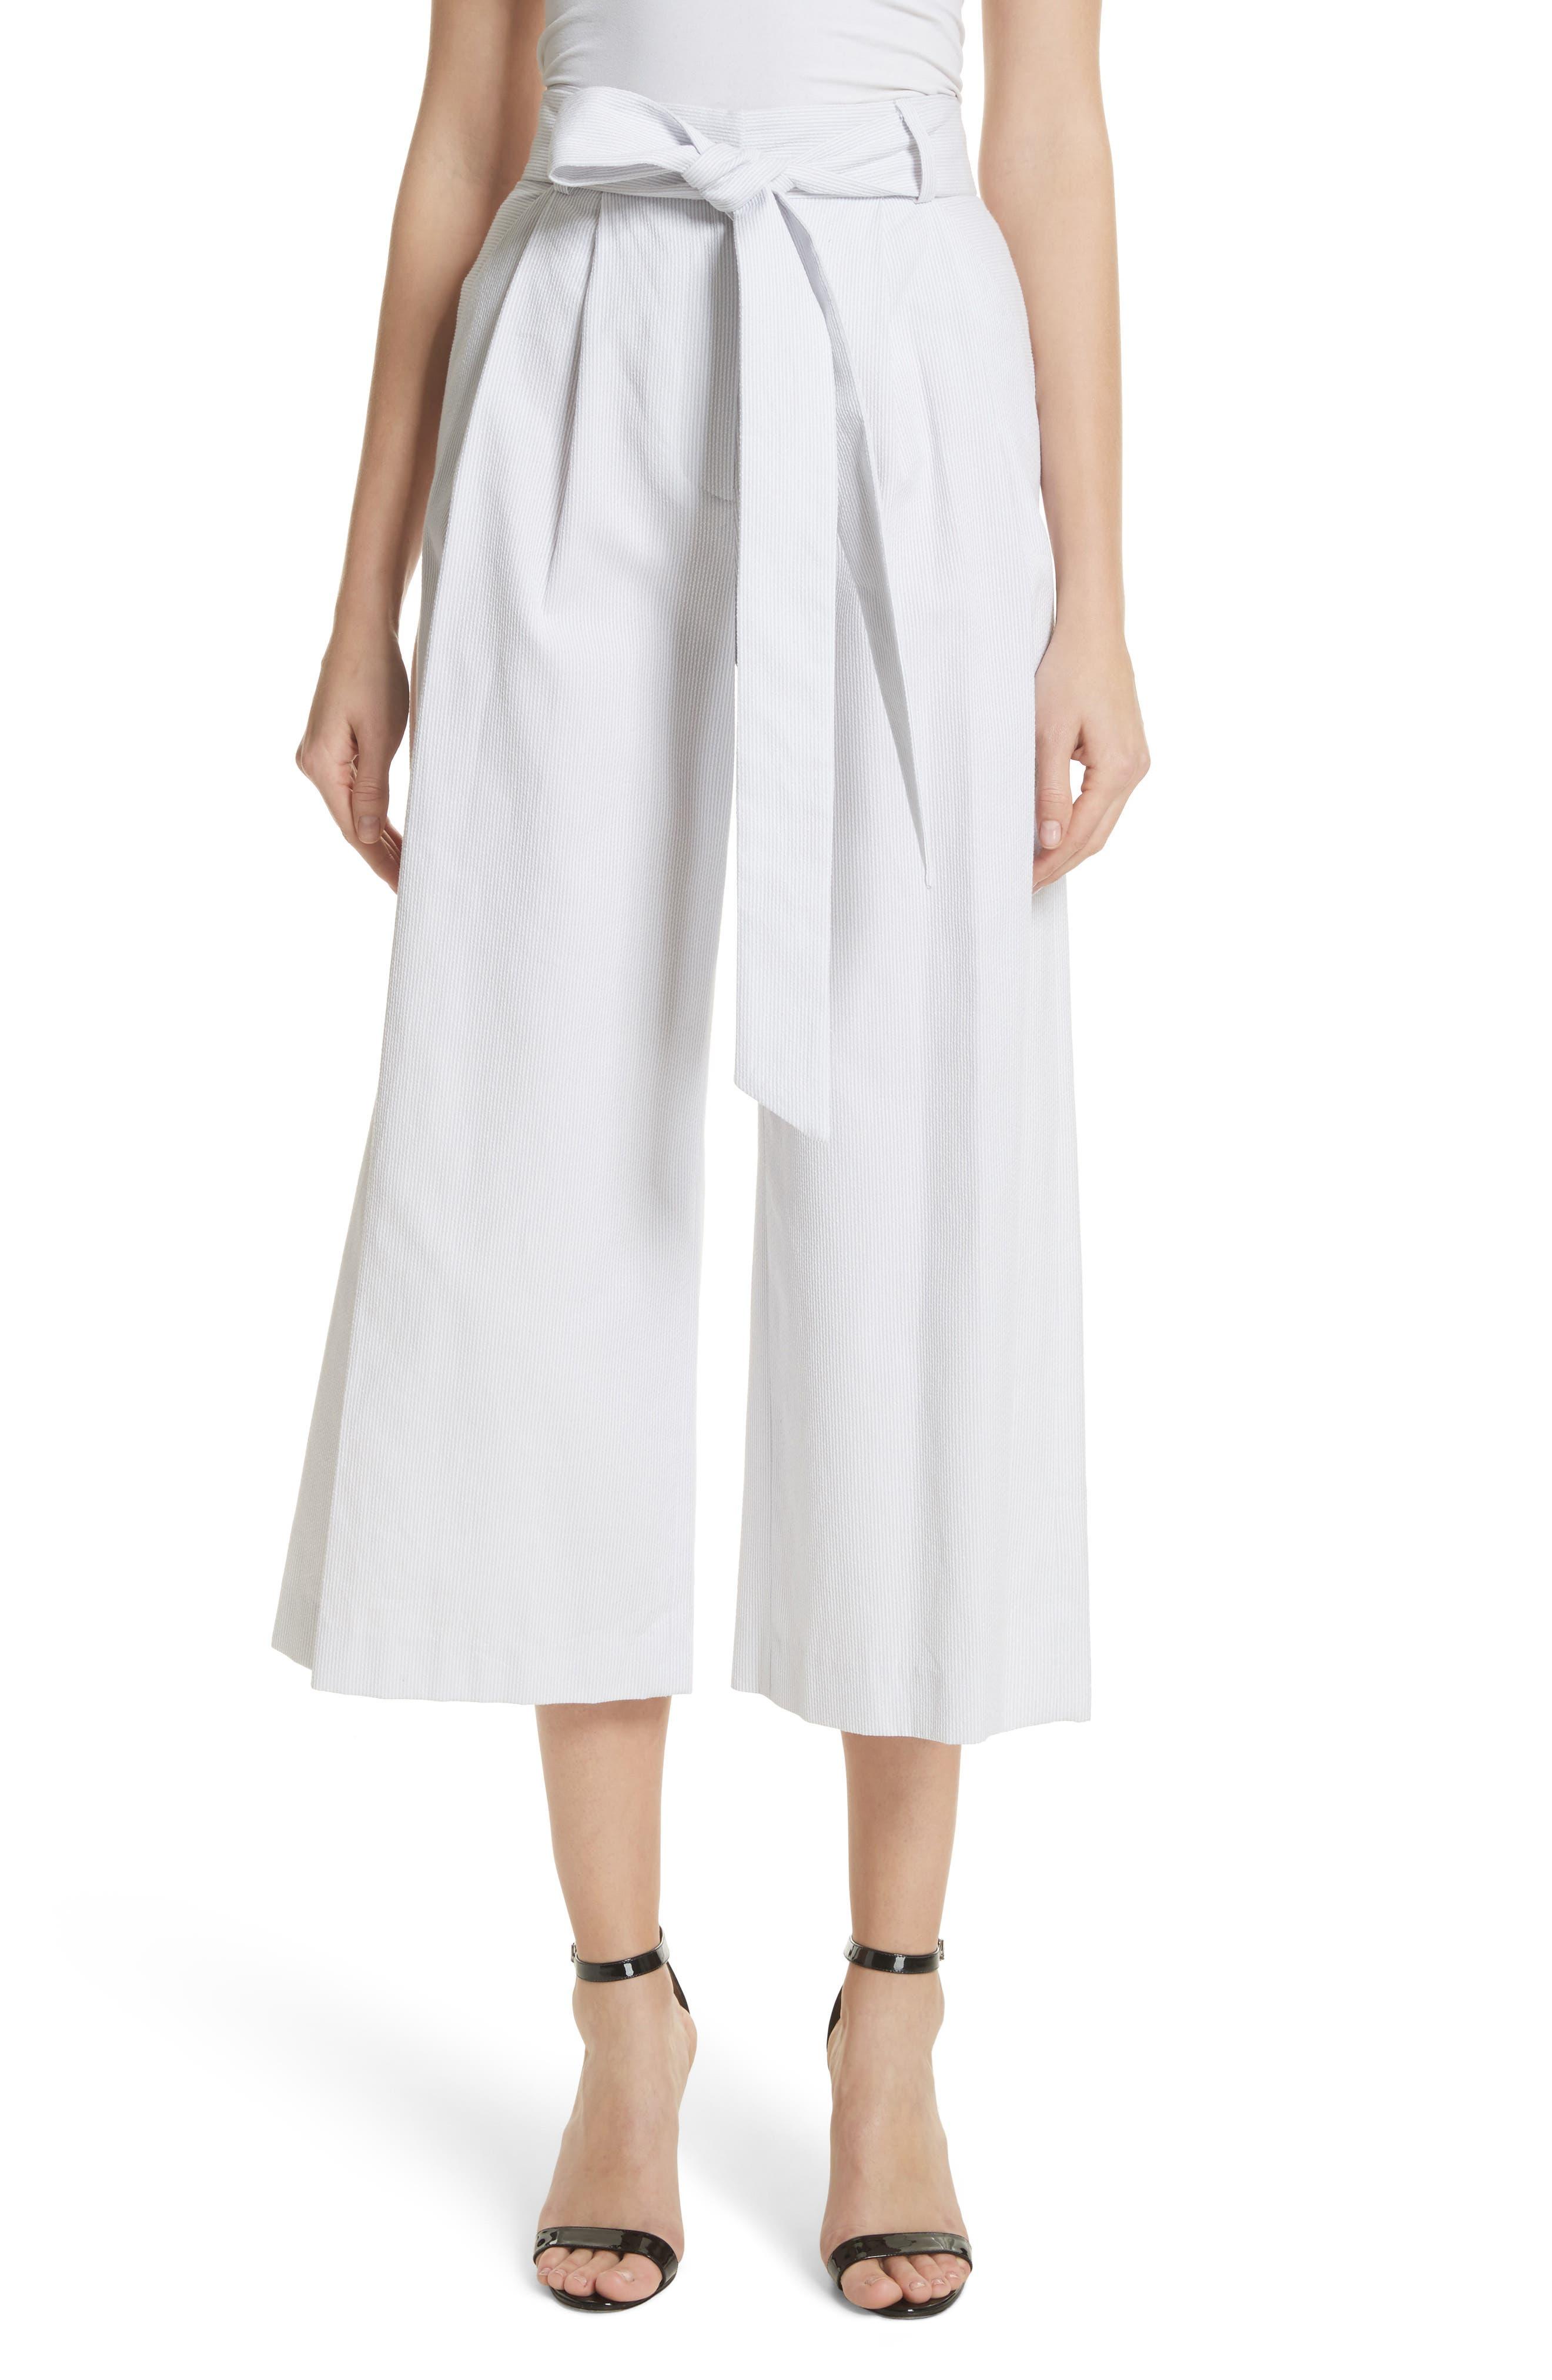 Milly Natalie Crop Tie Waist Pants